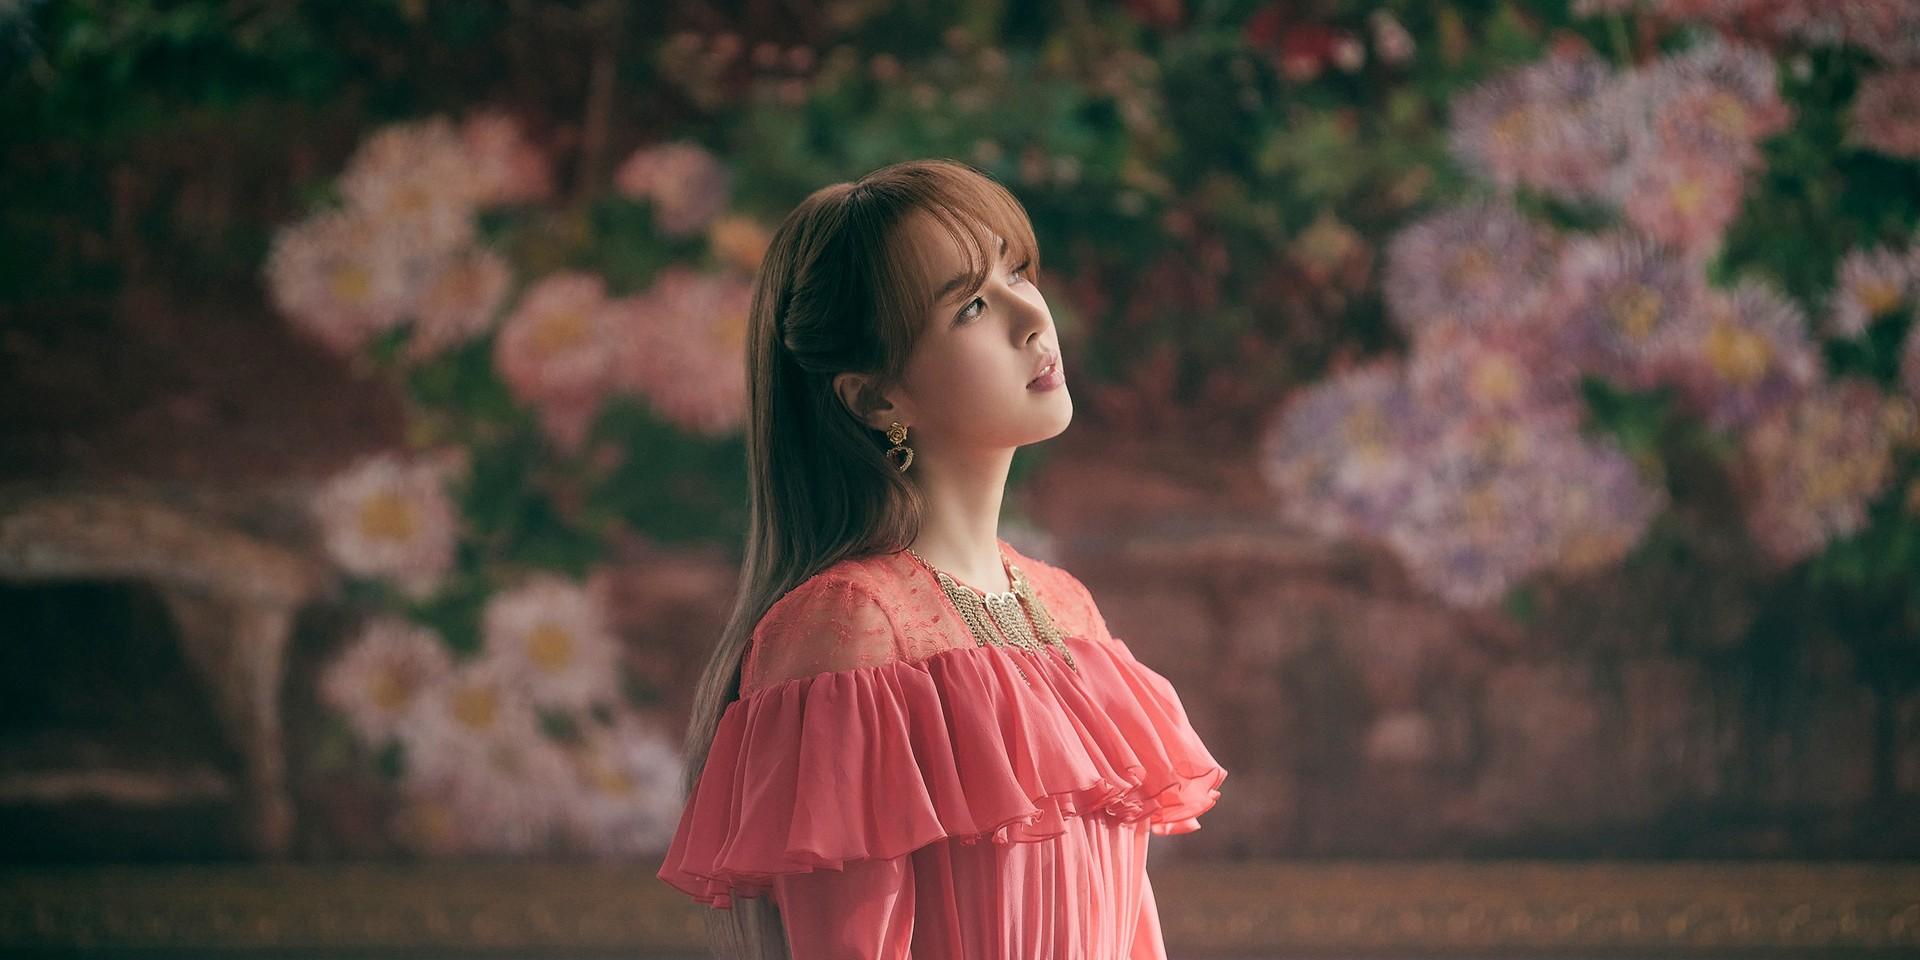 Red Velvet's WENDY shares a dreamlike world in her solo debut mini-album 'Like Water' – listen